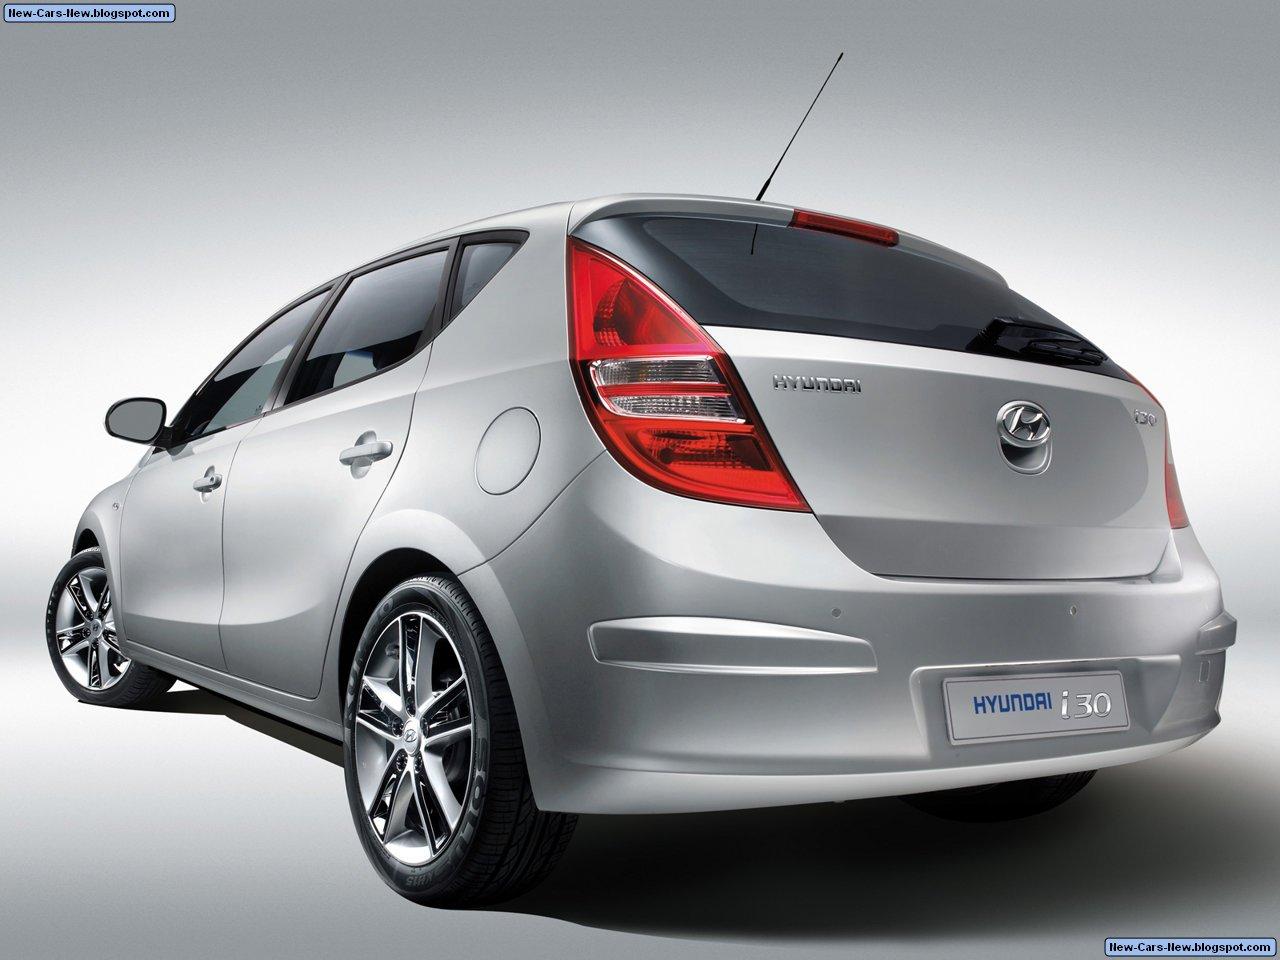 http://4.bp.blogspot.com/_U4w592tUDHM/TB0s79SRSyI/AAAAAAAAAE0/lrsJB_VX8I0/s1600/Hyundai-i30_2008_1280x960_wallpaper_03.jpg